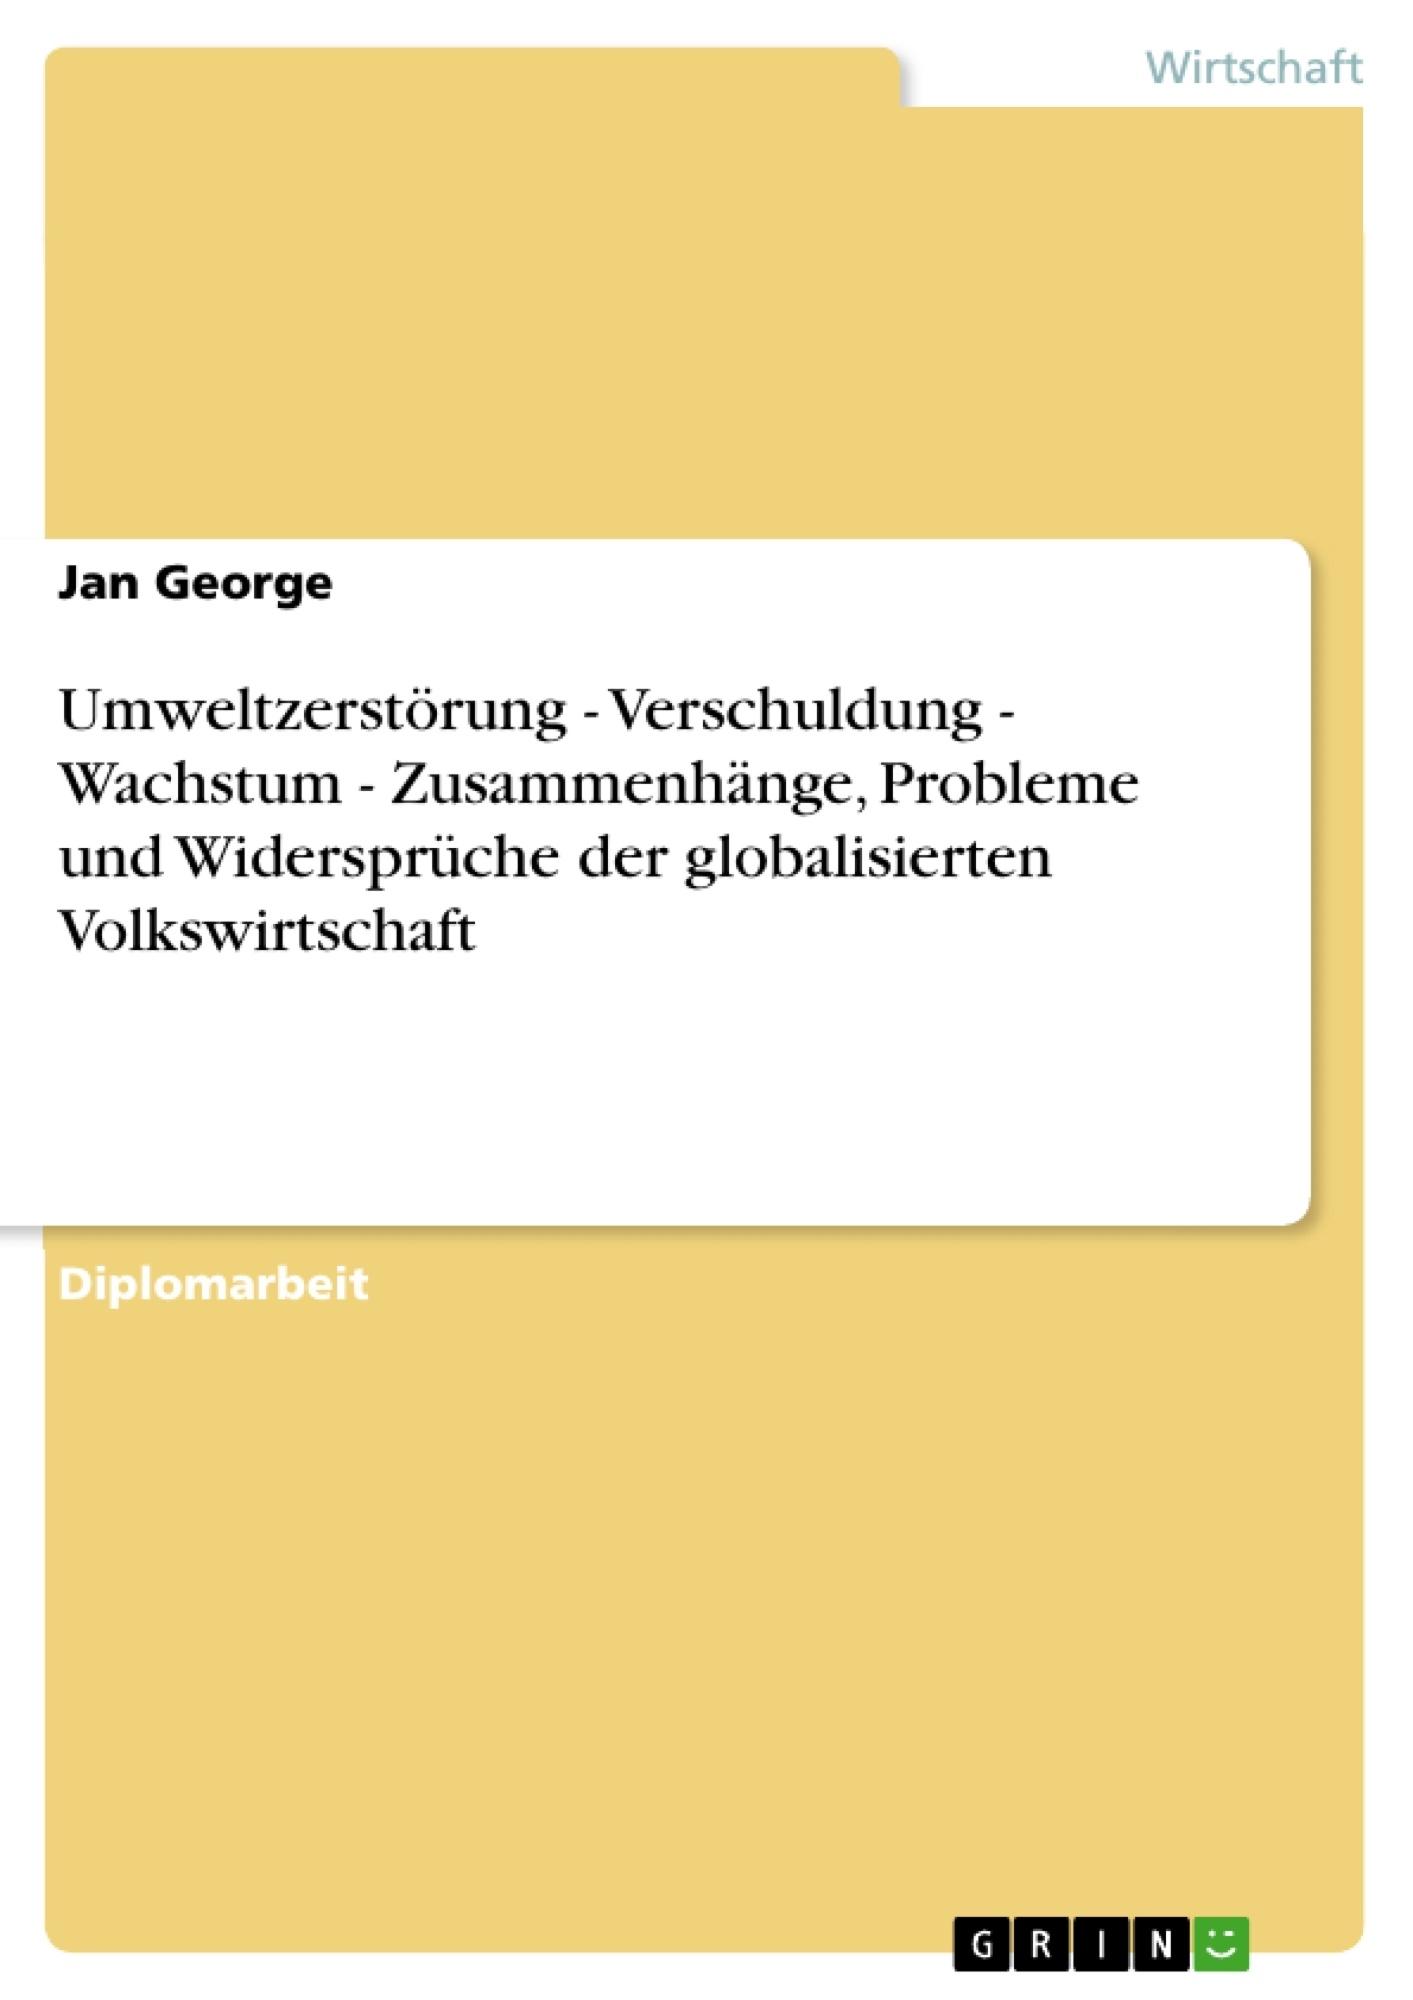 Titel: Umweltzerstörung - Verschuldung - Wachstum - Zusammenhänge, Probleme und Widersprüche der globalisierten Volkswirtschaft